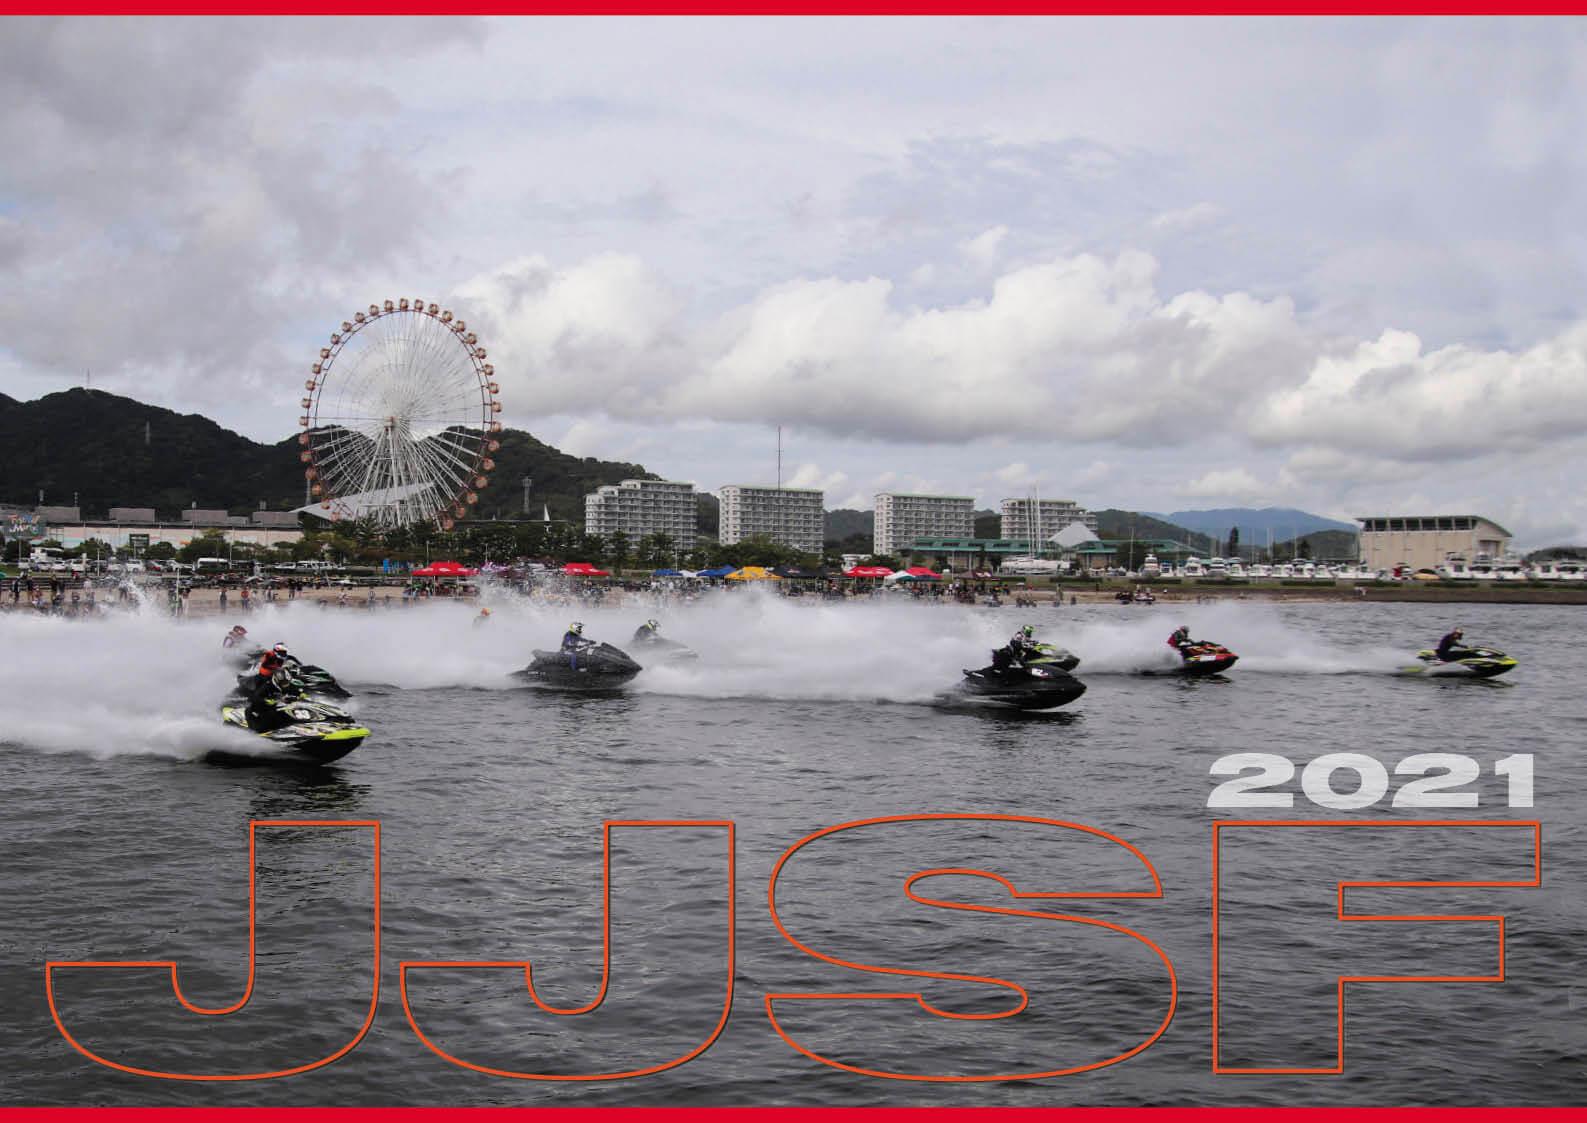 「JJSF全日本選手権シリーズ 第1戦・第2戦」が5月15日、16日に開催されます (水上バイク)ジェットスキー